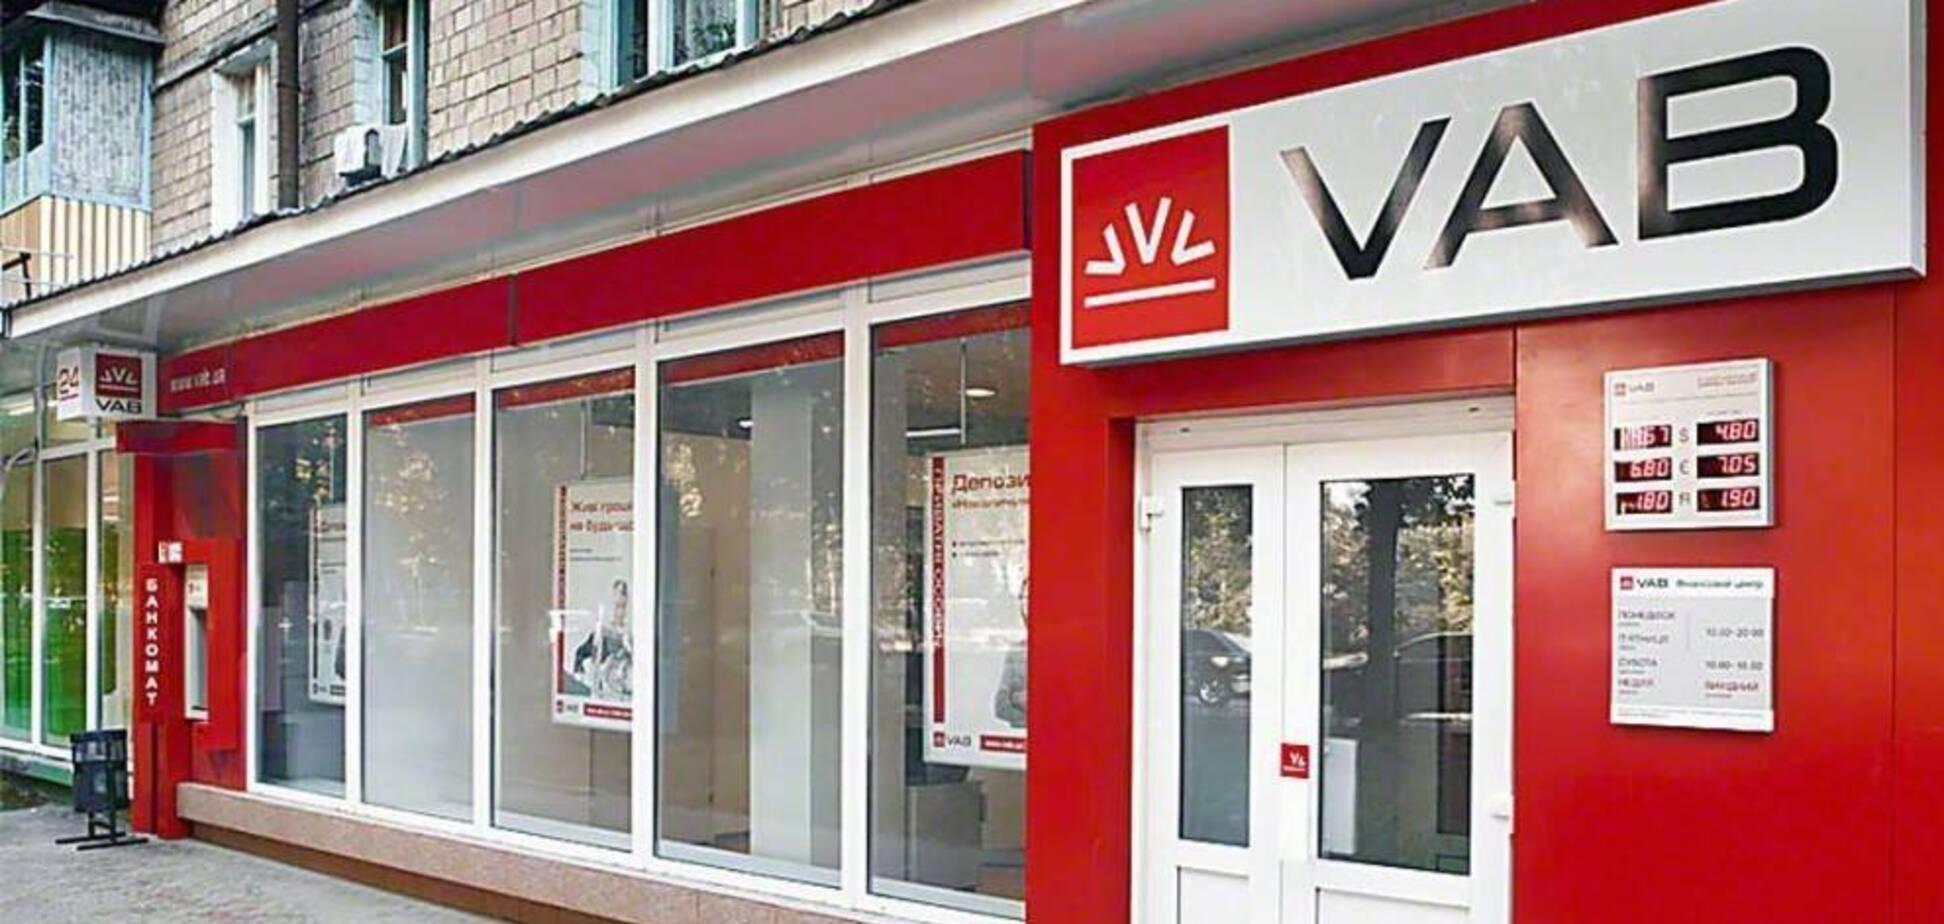 НАБУ і САП не змогли озвучити депутатам підставу для справи проти VAB банку